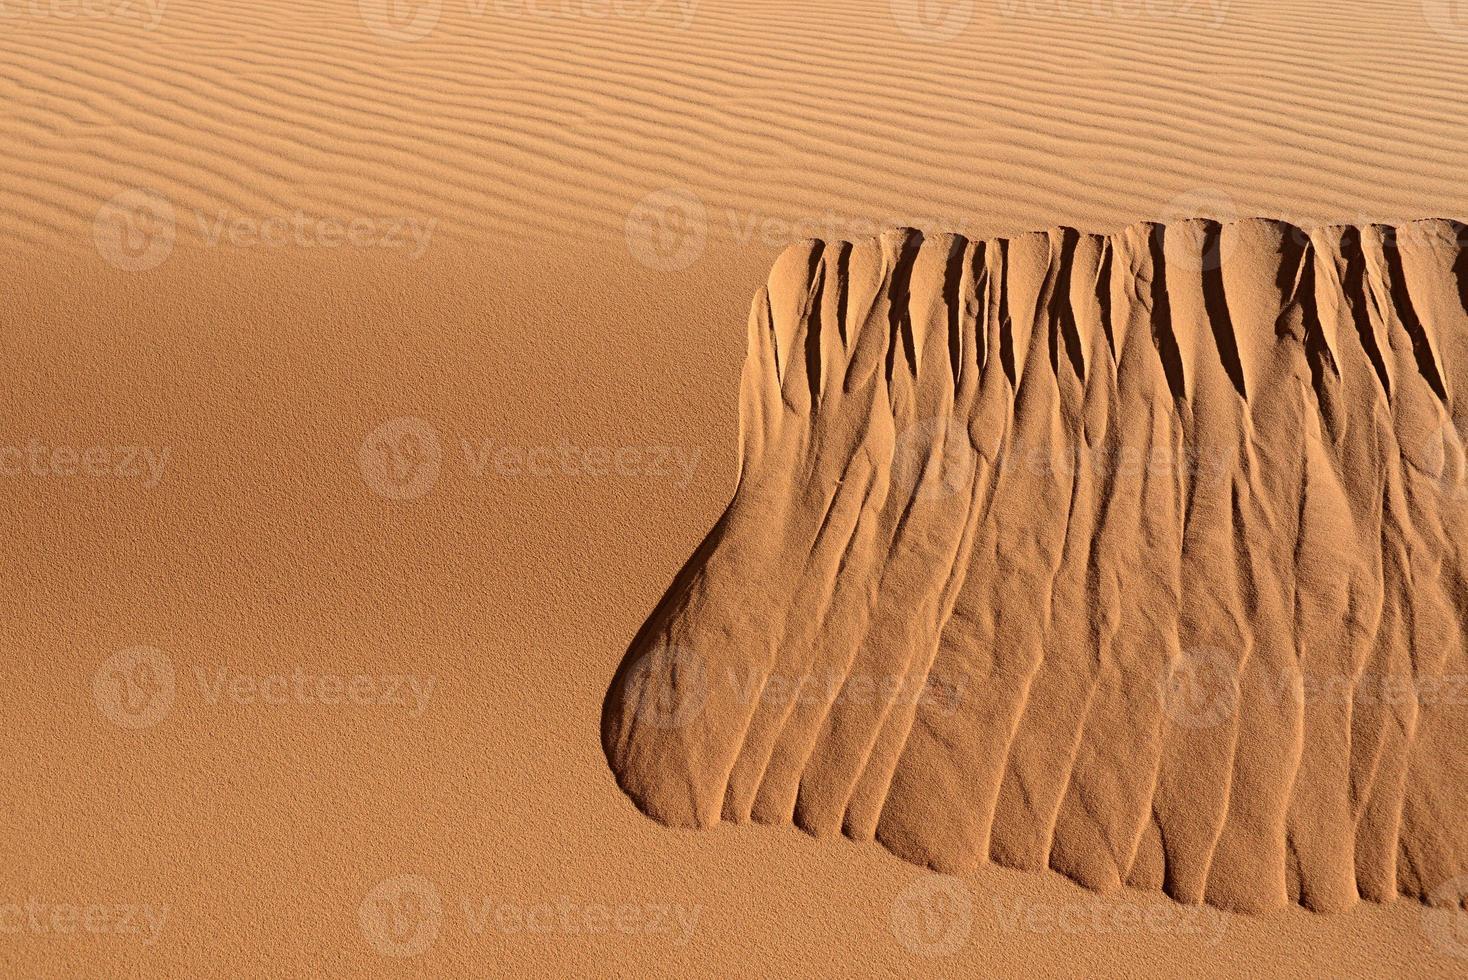 Wüstenhintergrund foto